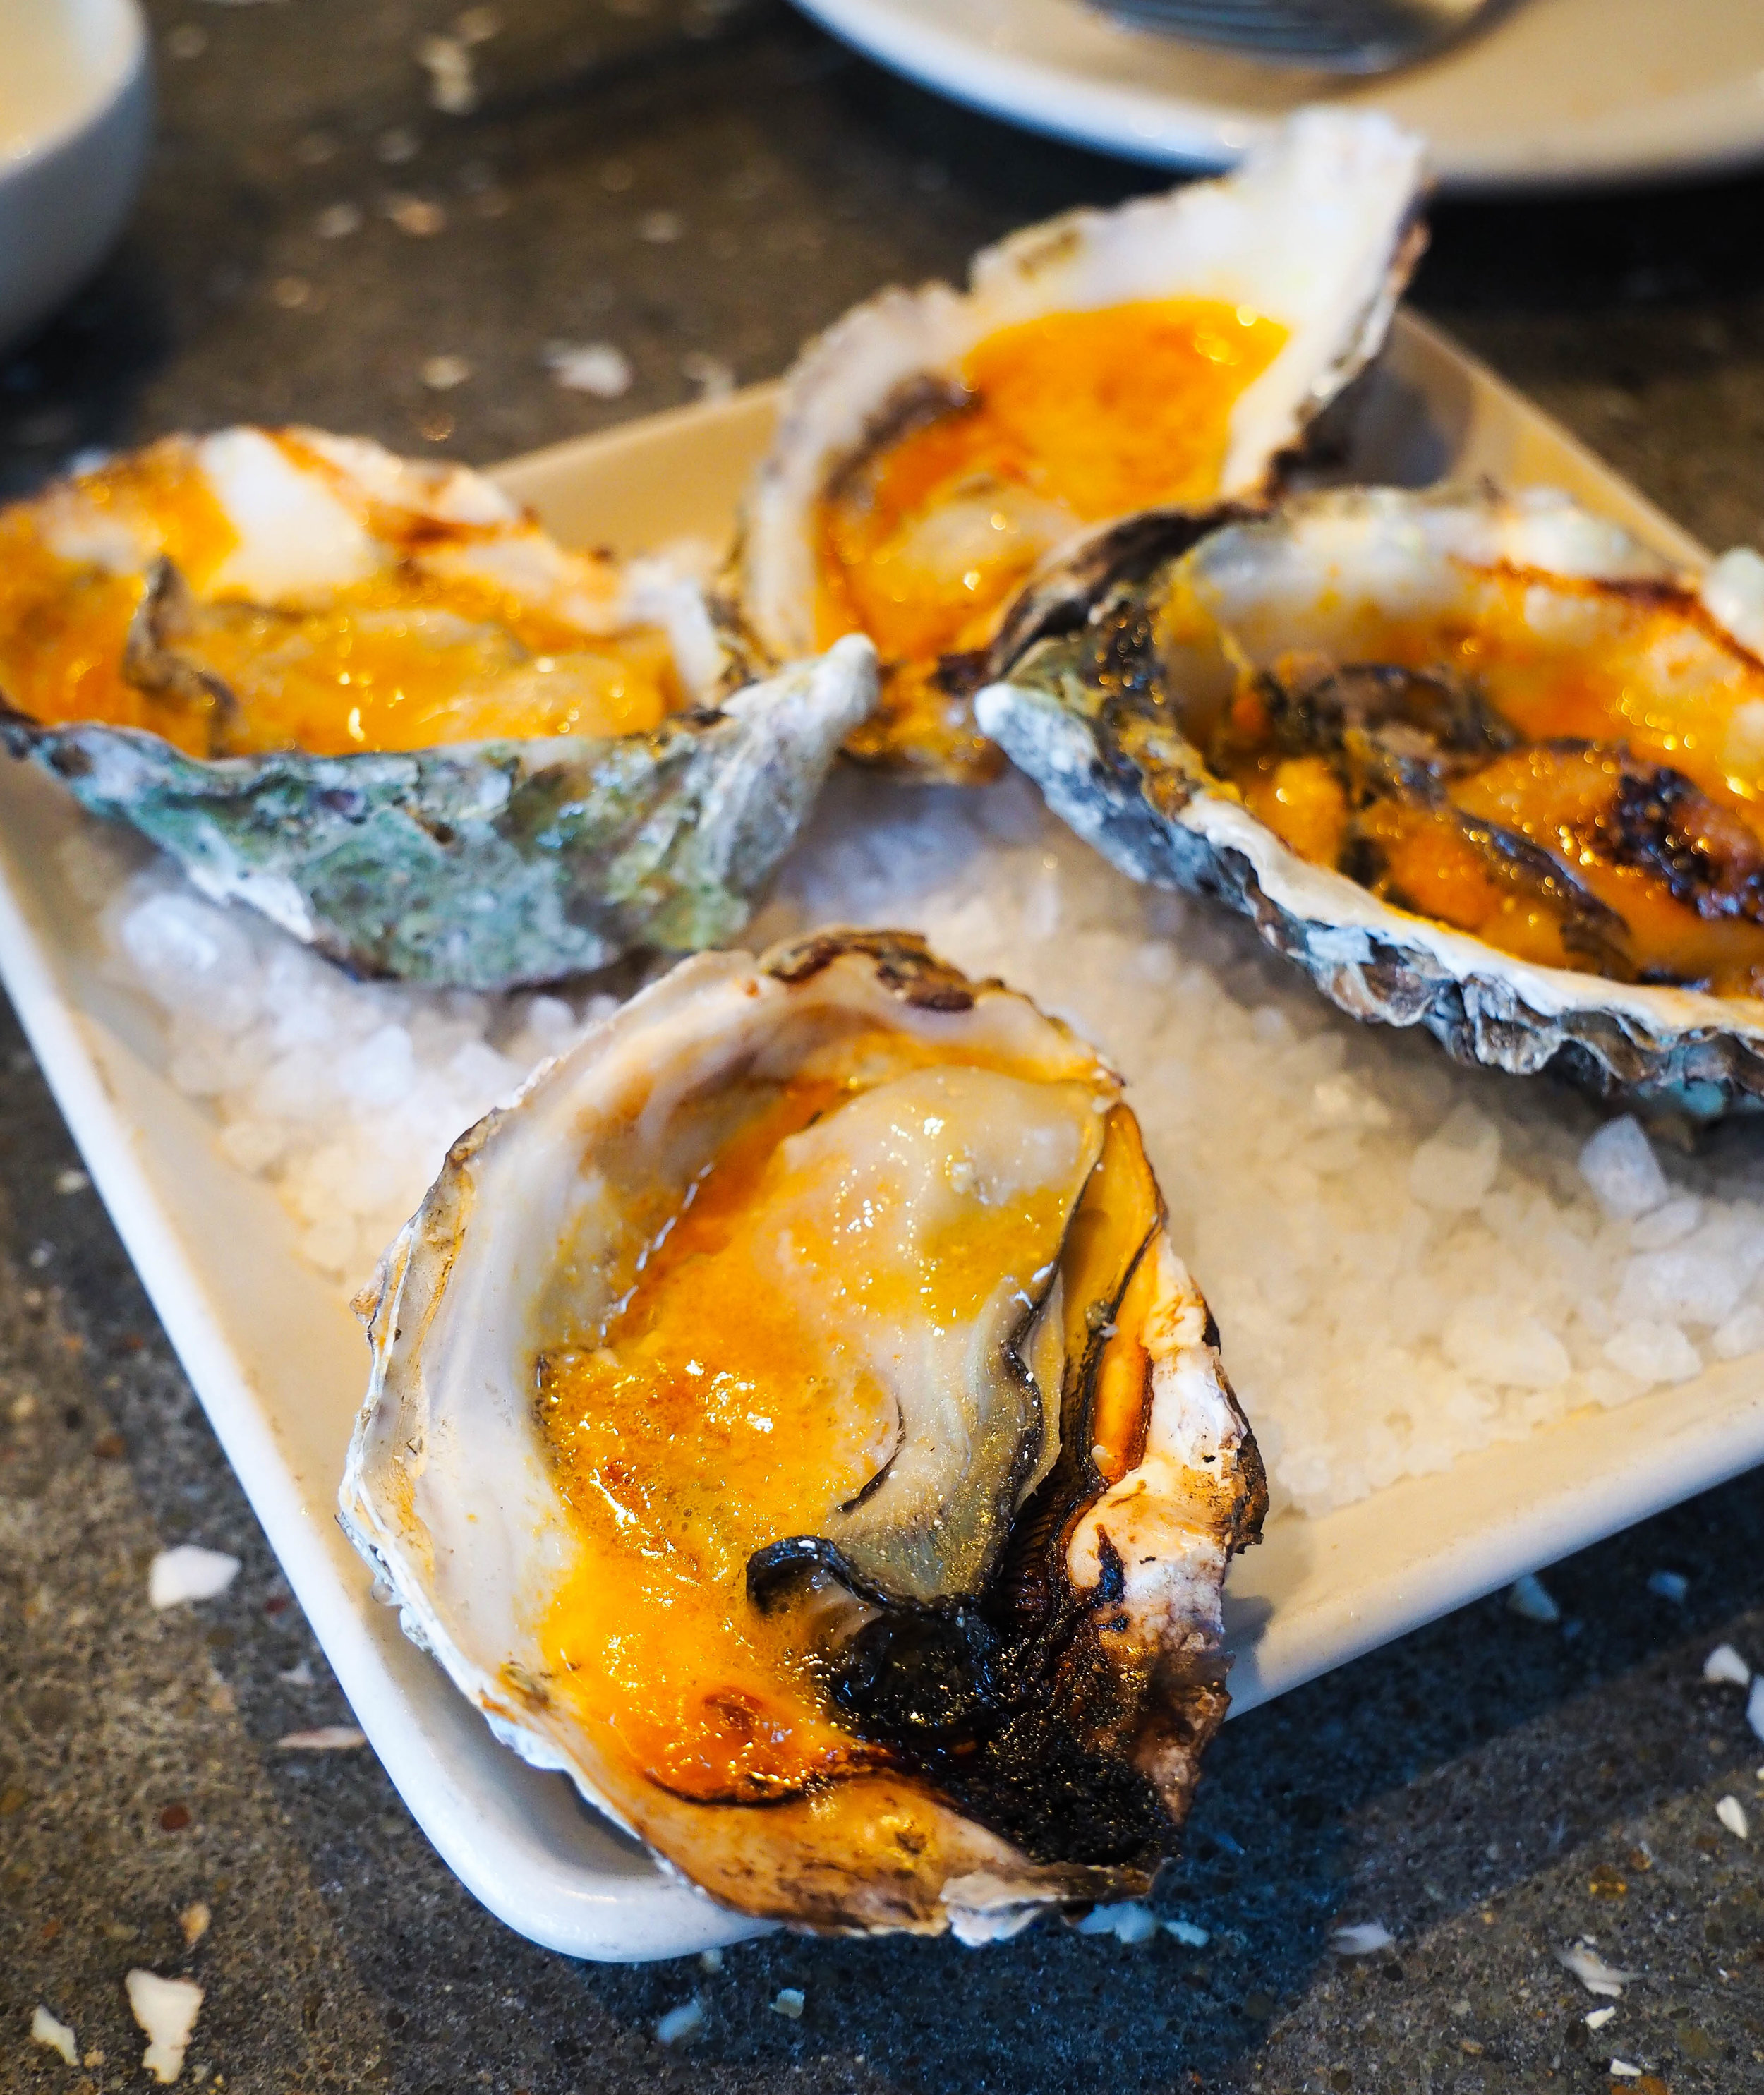 在牡蛎里的牡蛎。辣椒,你……